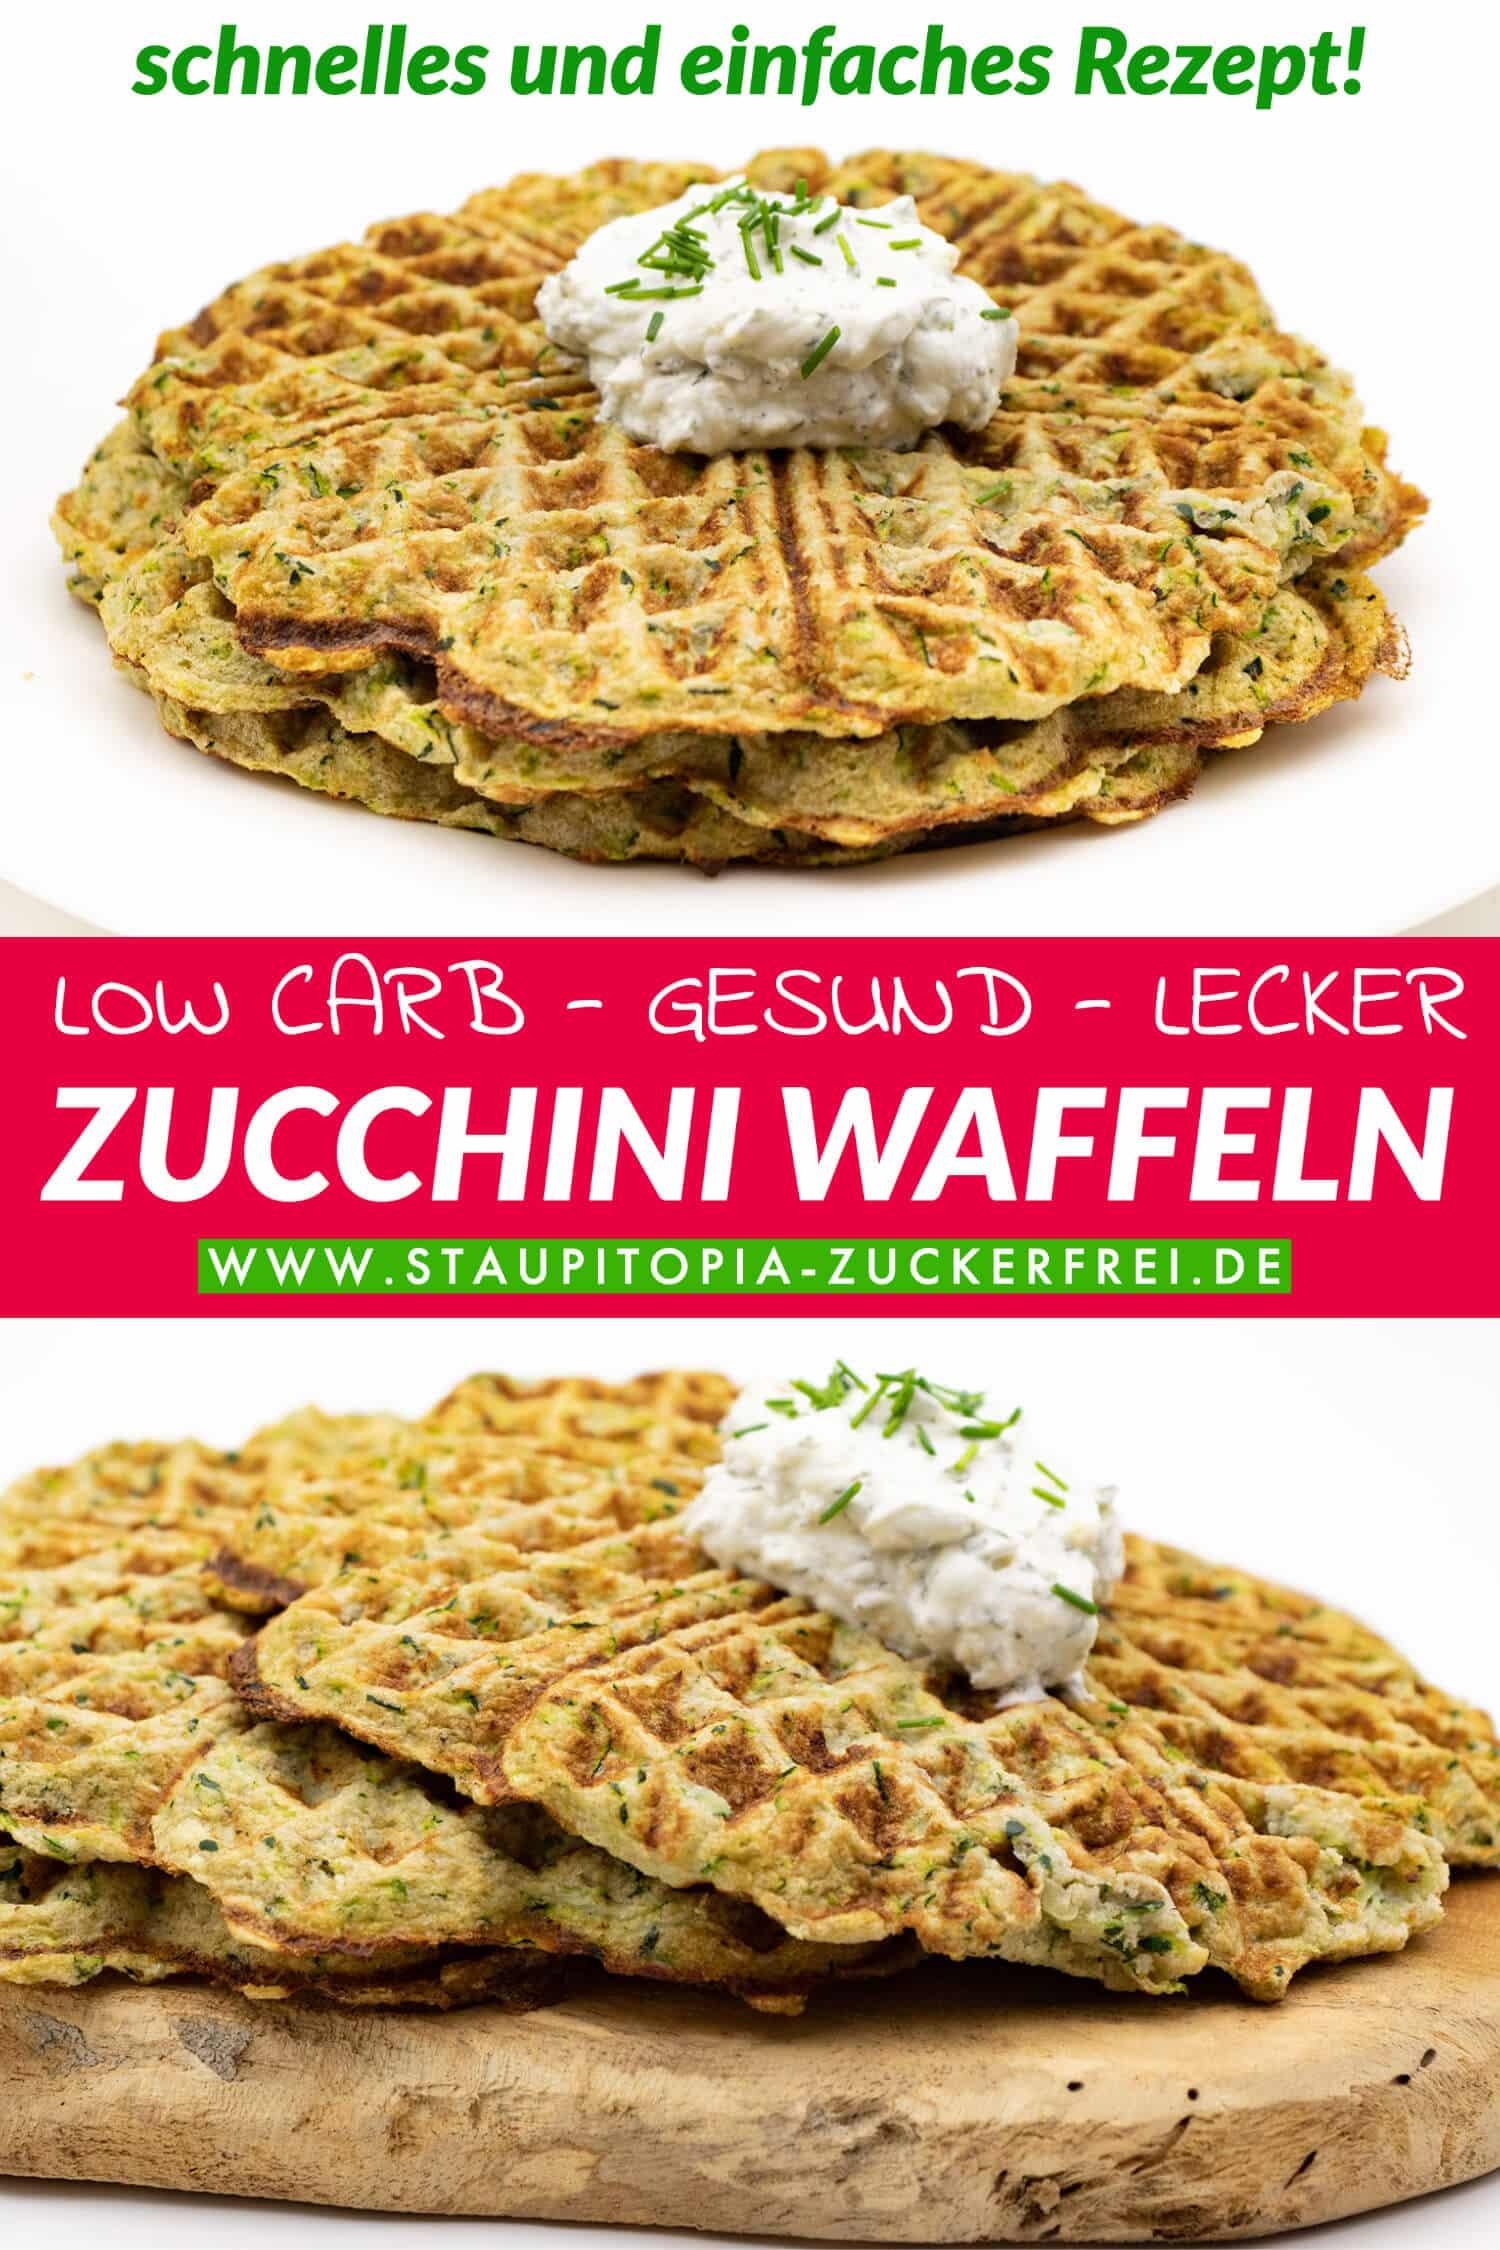 Zucchini Waffeln Low Carb Rezept